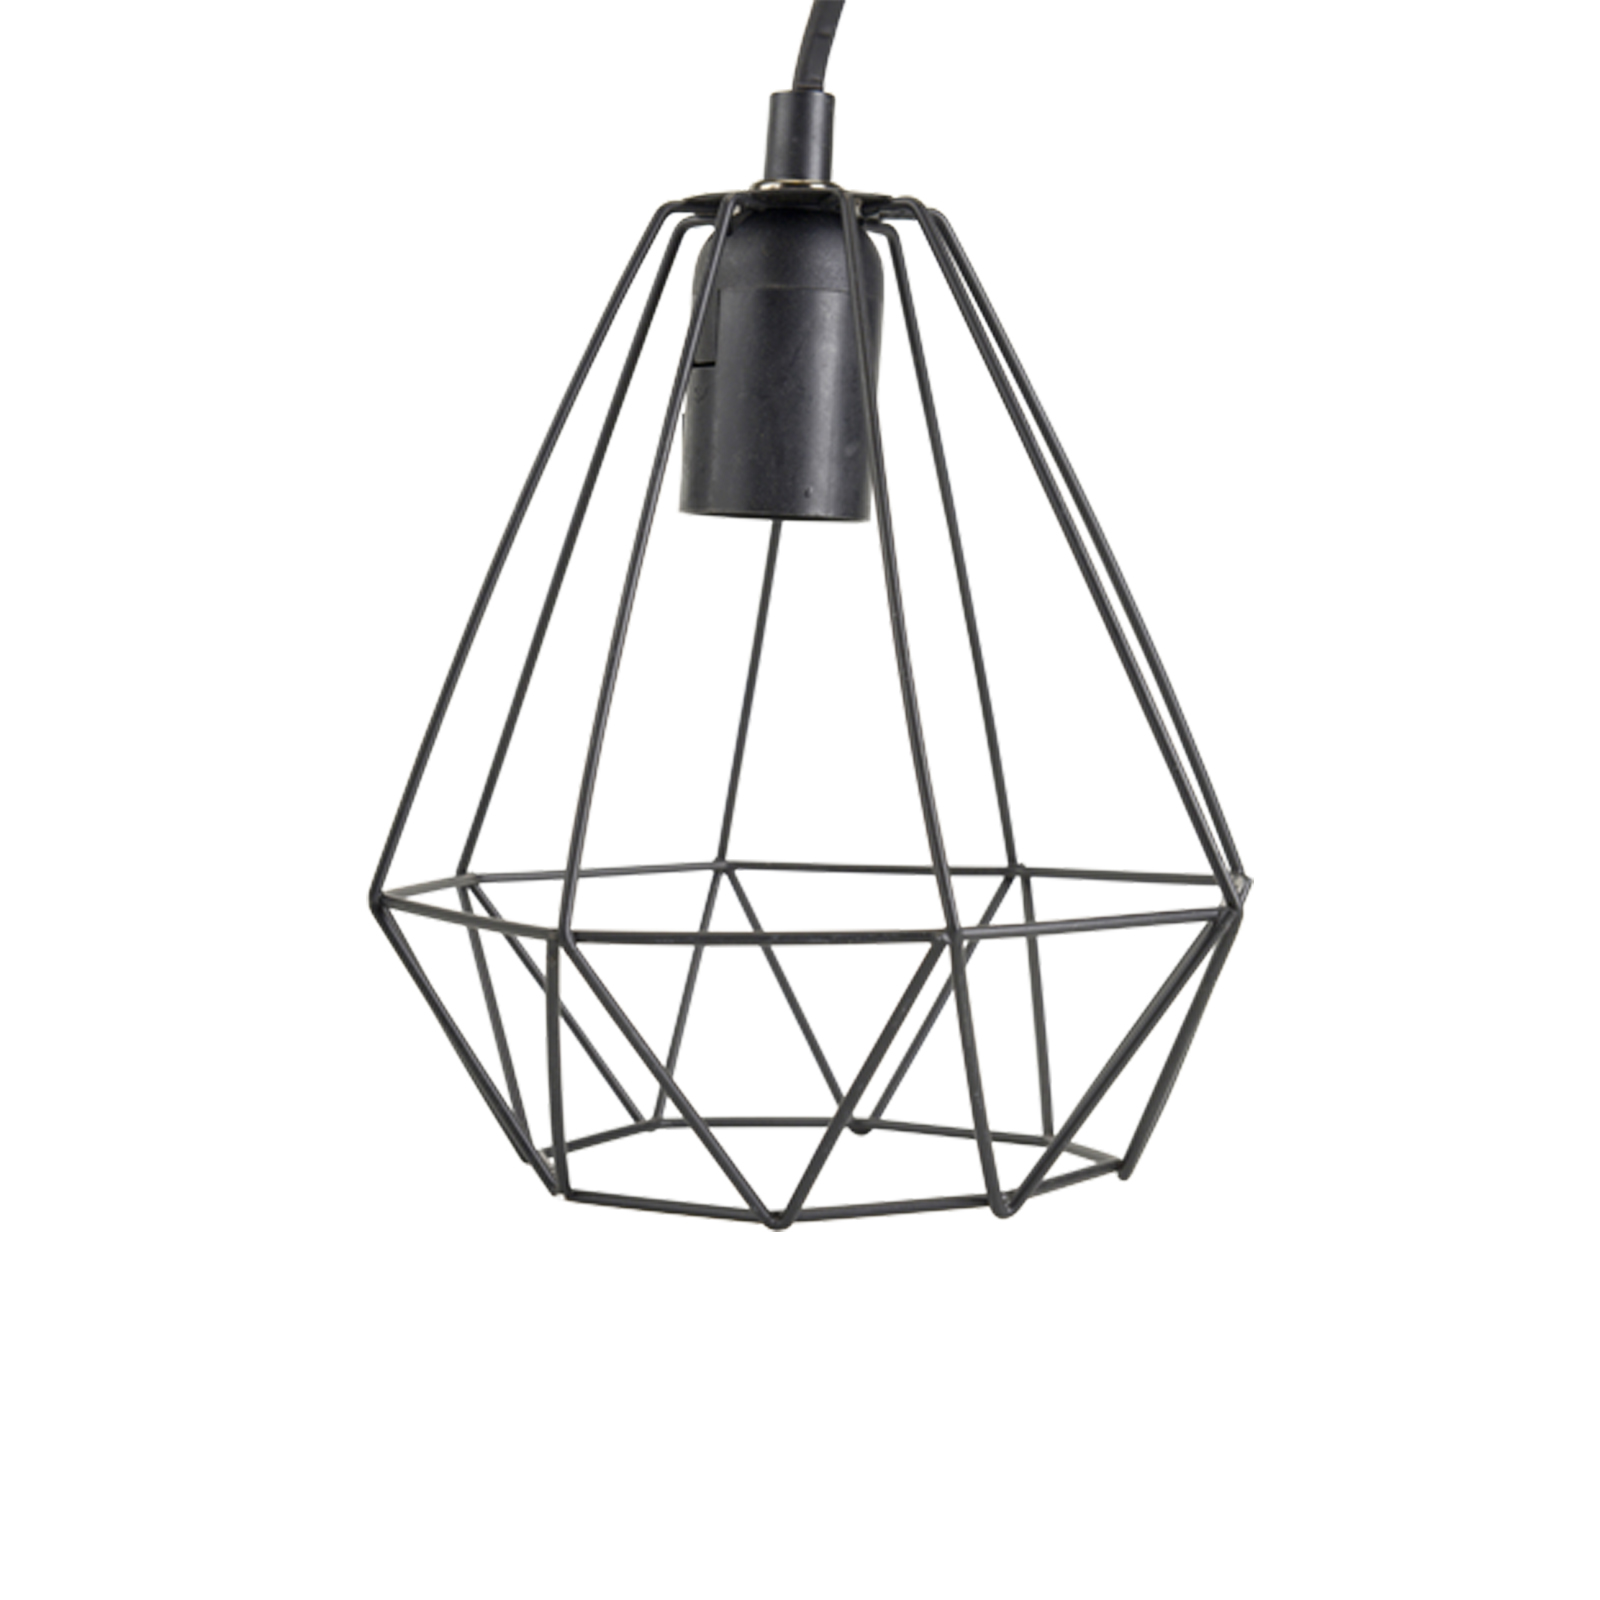 h ngelampe gitter h nge lampe designlampe pendelleuchte leuchte pendel e27 ebay. Black Bedroom Furniture Sets. Home Design Ideas